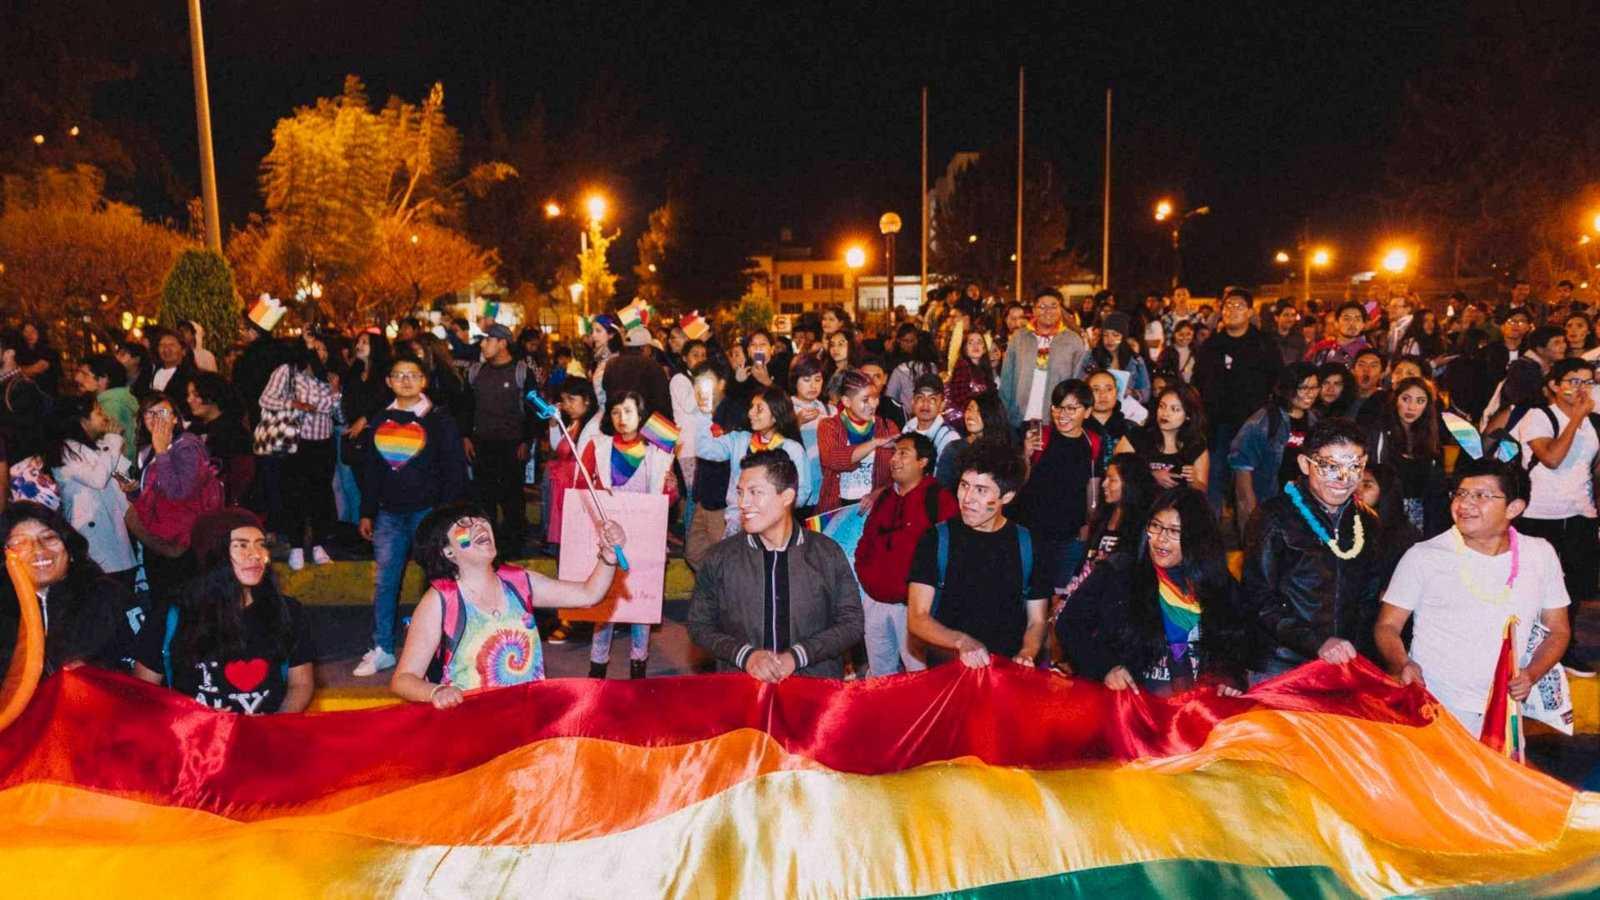 Arequipa tem uma marcha do orgulho gay em junho, onde a multidão LGBTQ local pode comemorar e se manifestar